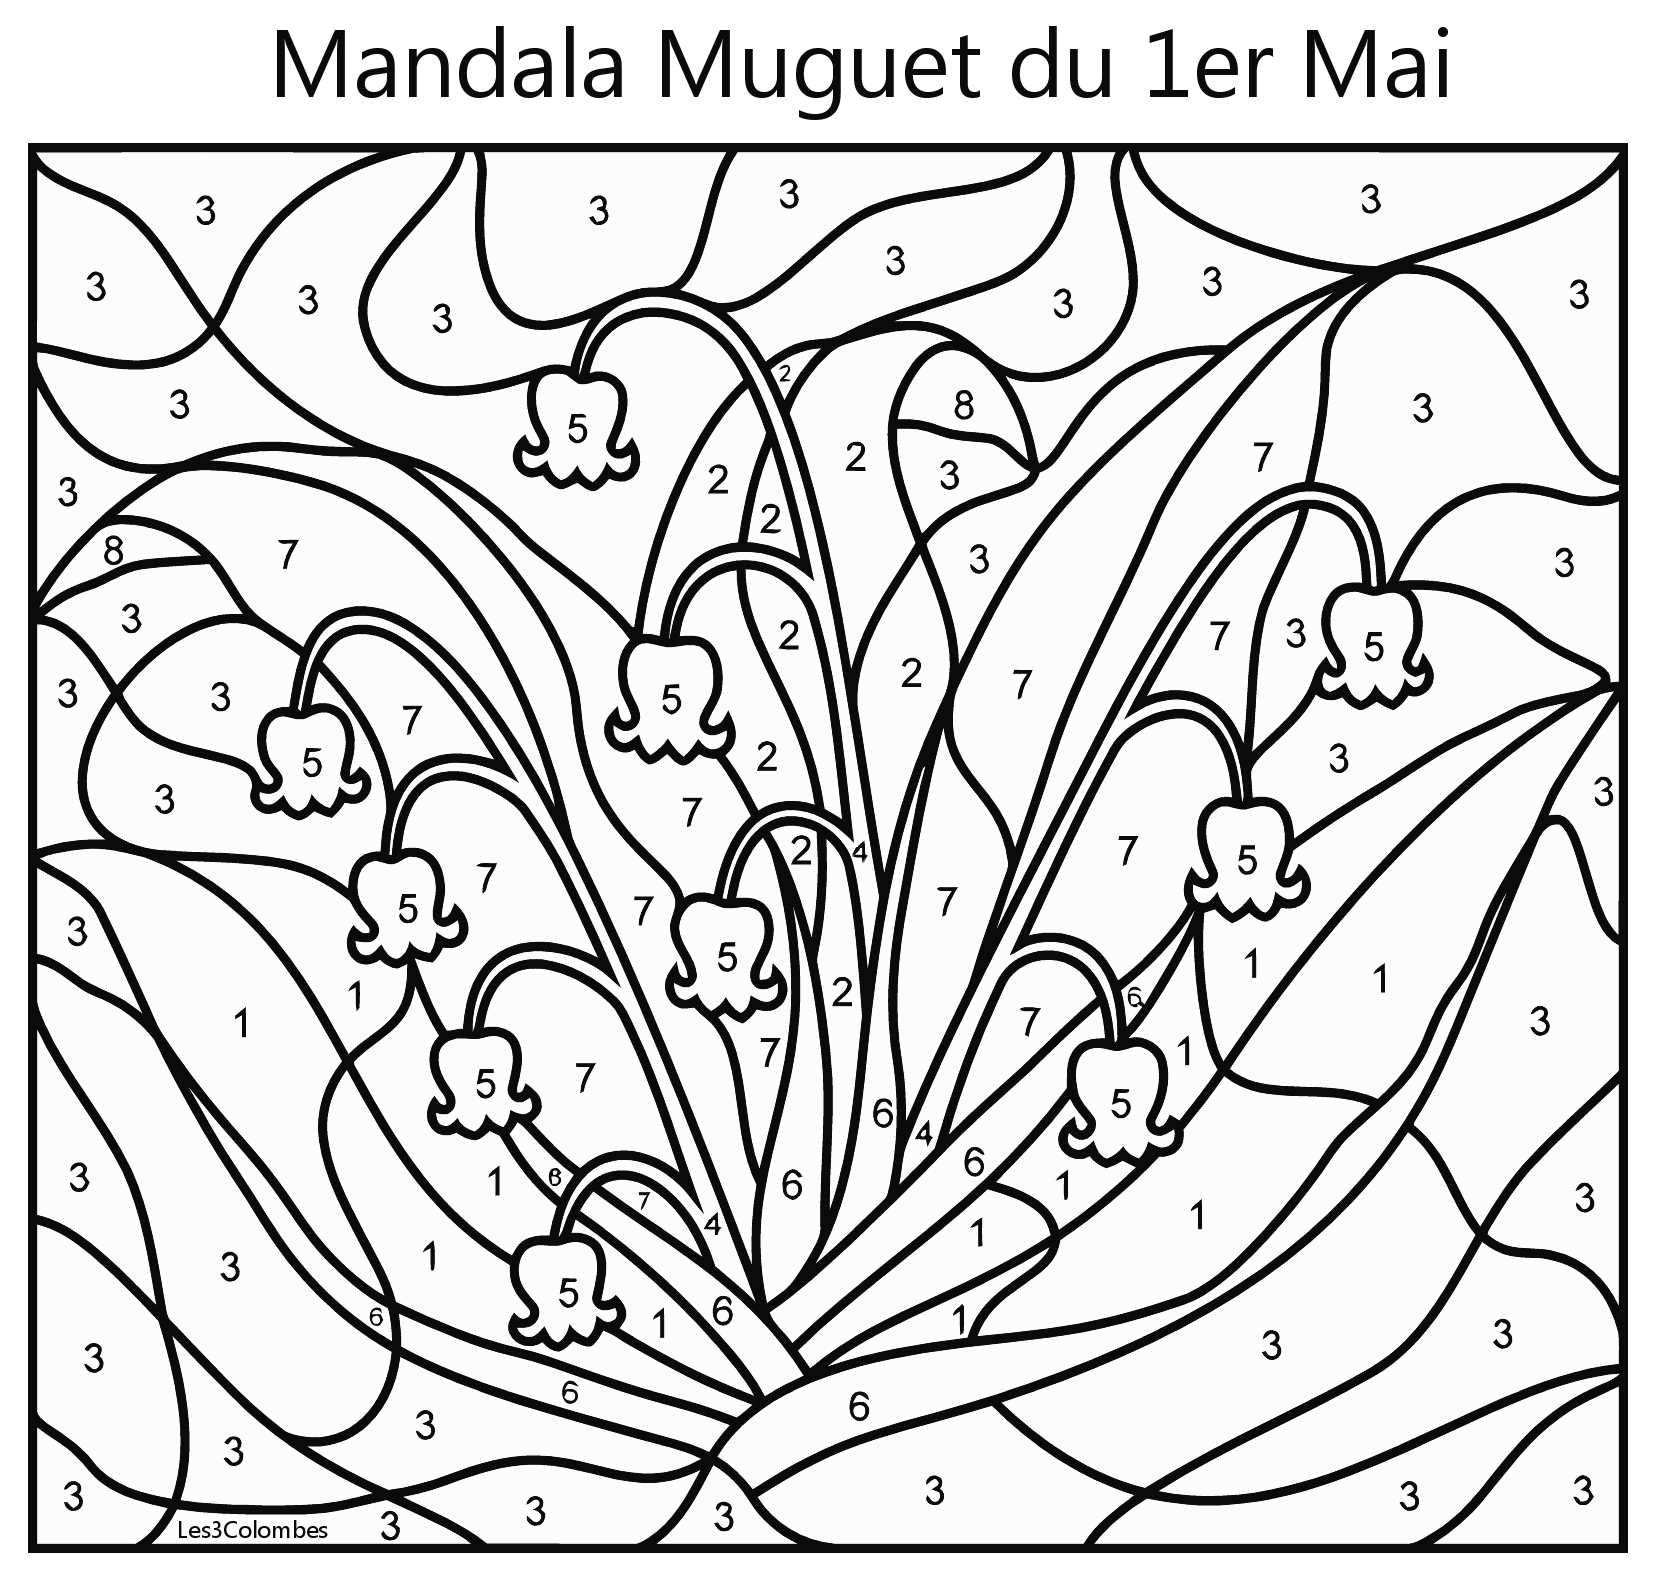 Mandala Muguet 1er-Mai Enfant - Coloriage en ligne gratuit ...